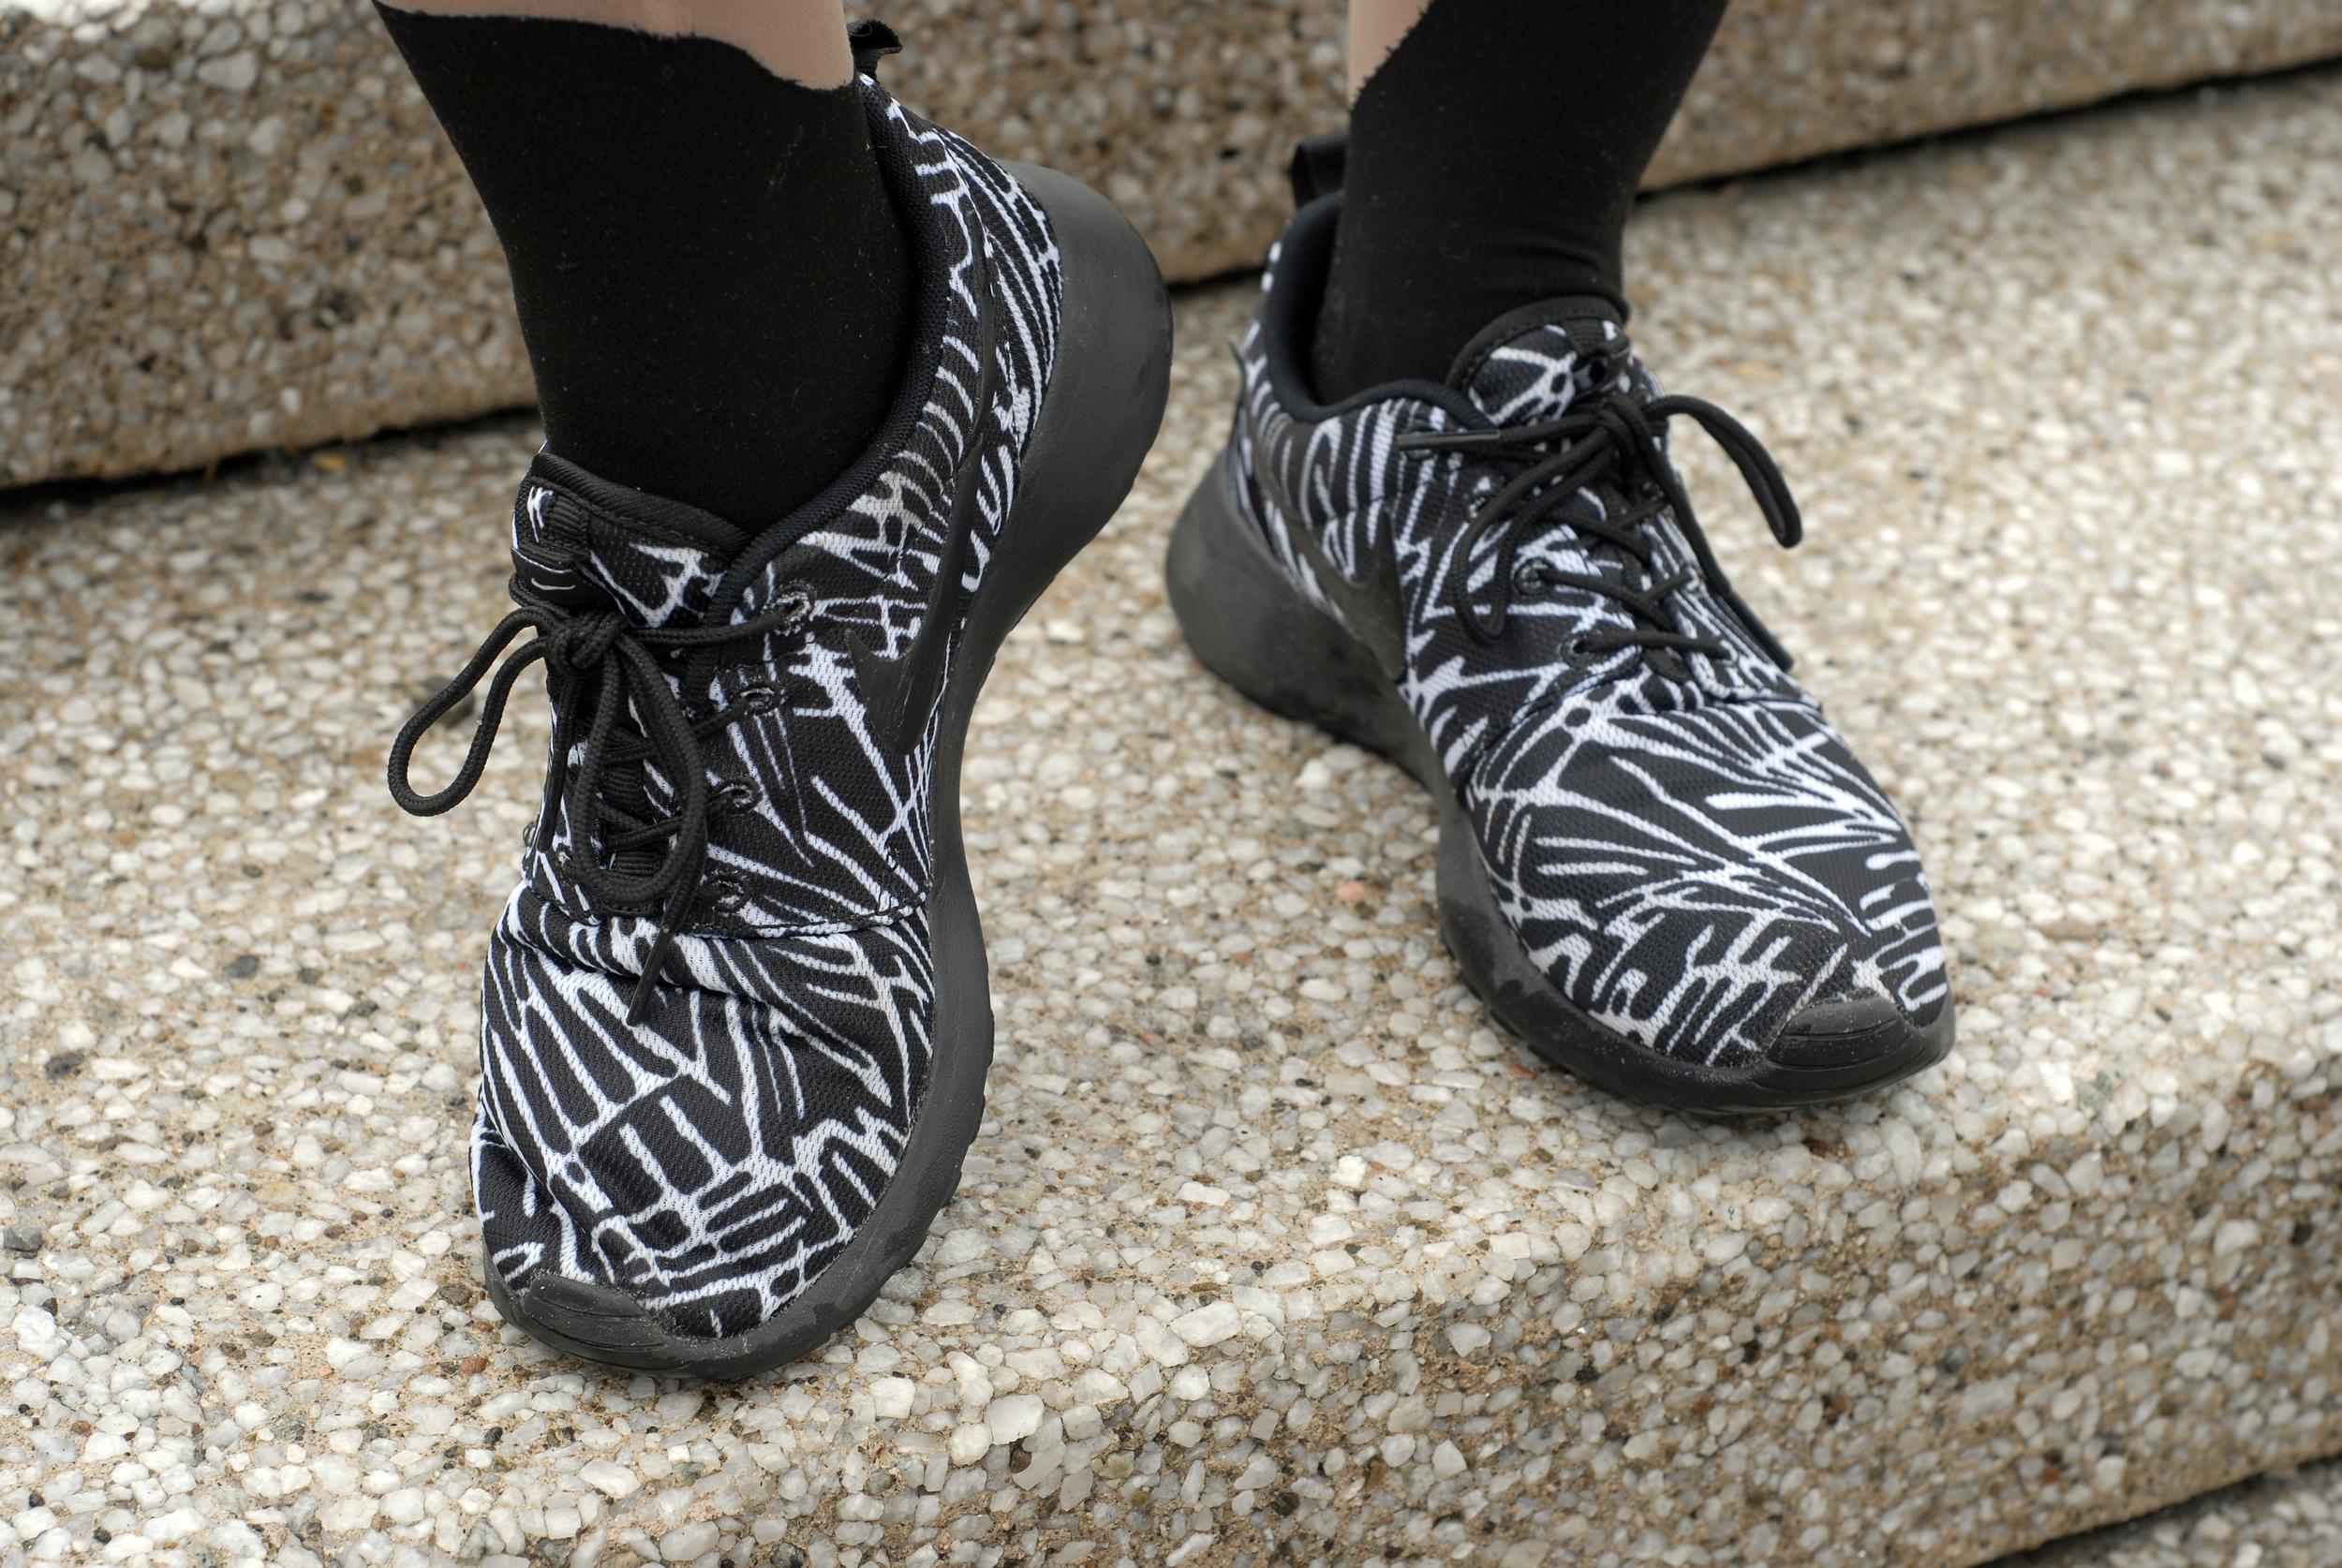 meganannwilson-shegotgame-shegotstyle-nikelab-sacai-windrunner-nike-sportswear-fur12.JPG